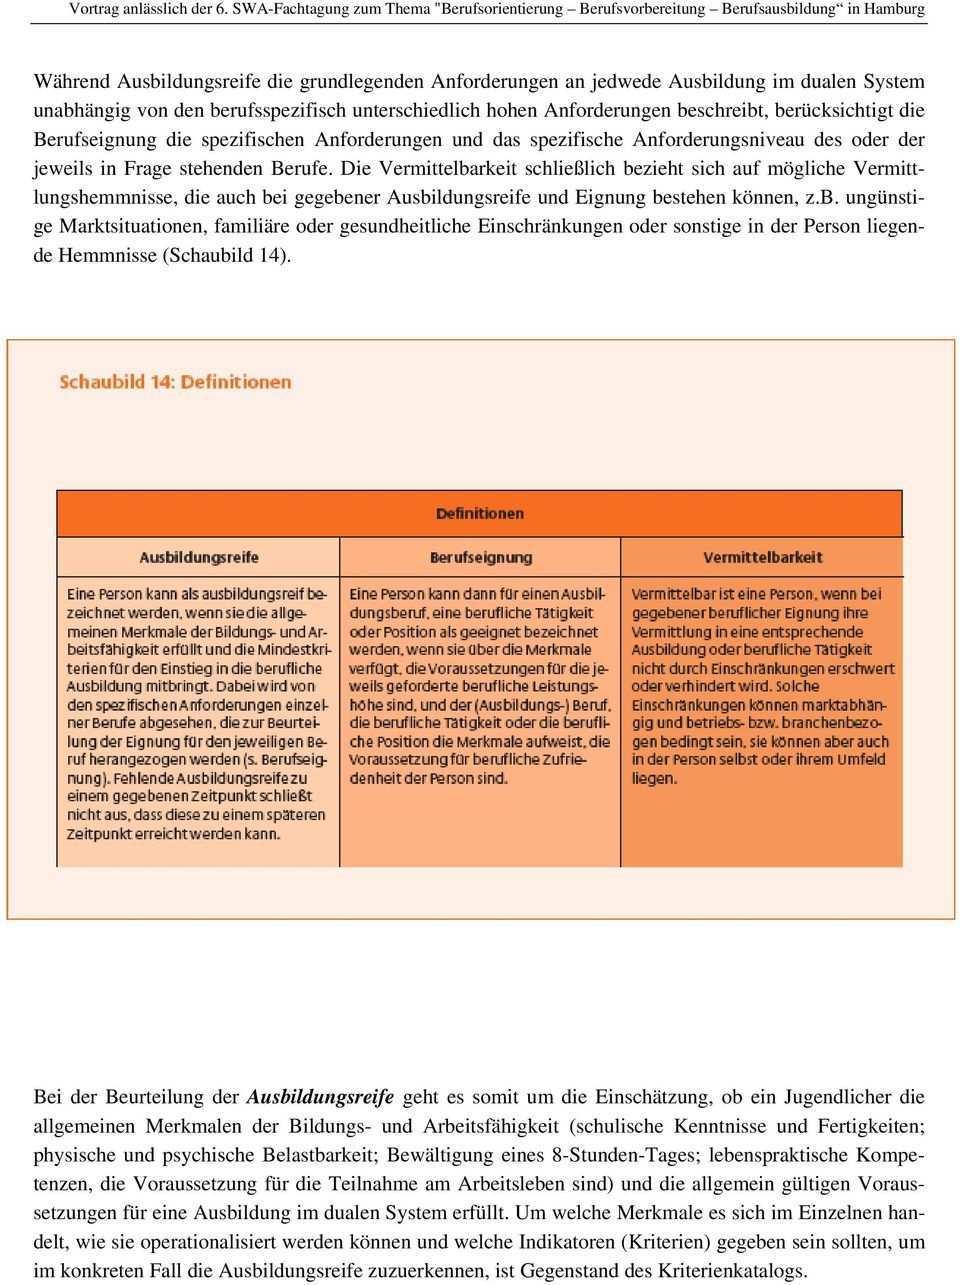 Ausbildungsreife Berufseignung Vermittelbarkeit Definitionen Und Konzepte Kriterienkatalog Zur Ausbildungsreife Pdf Free Download